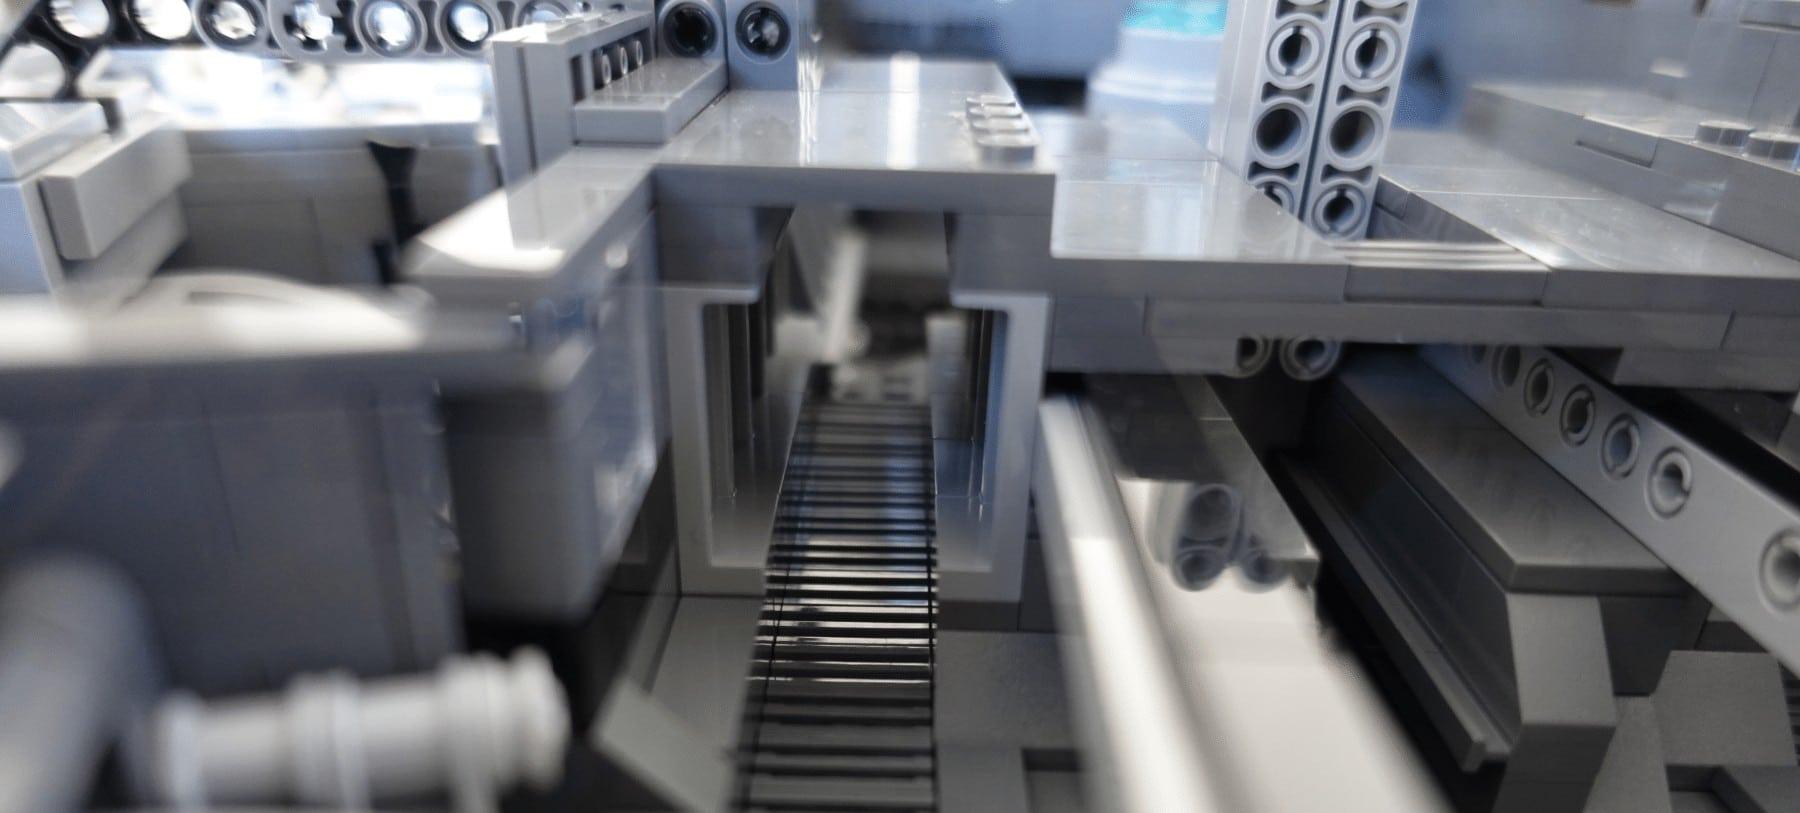 Gang zum Reaktorraum des LEGO MOC Imperial Star Destroyers